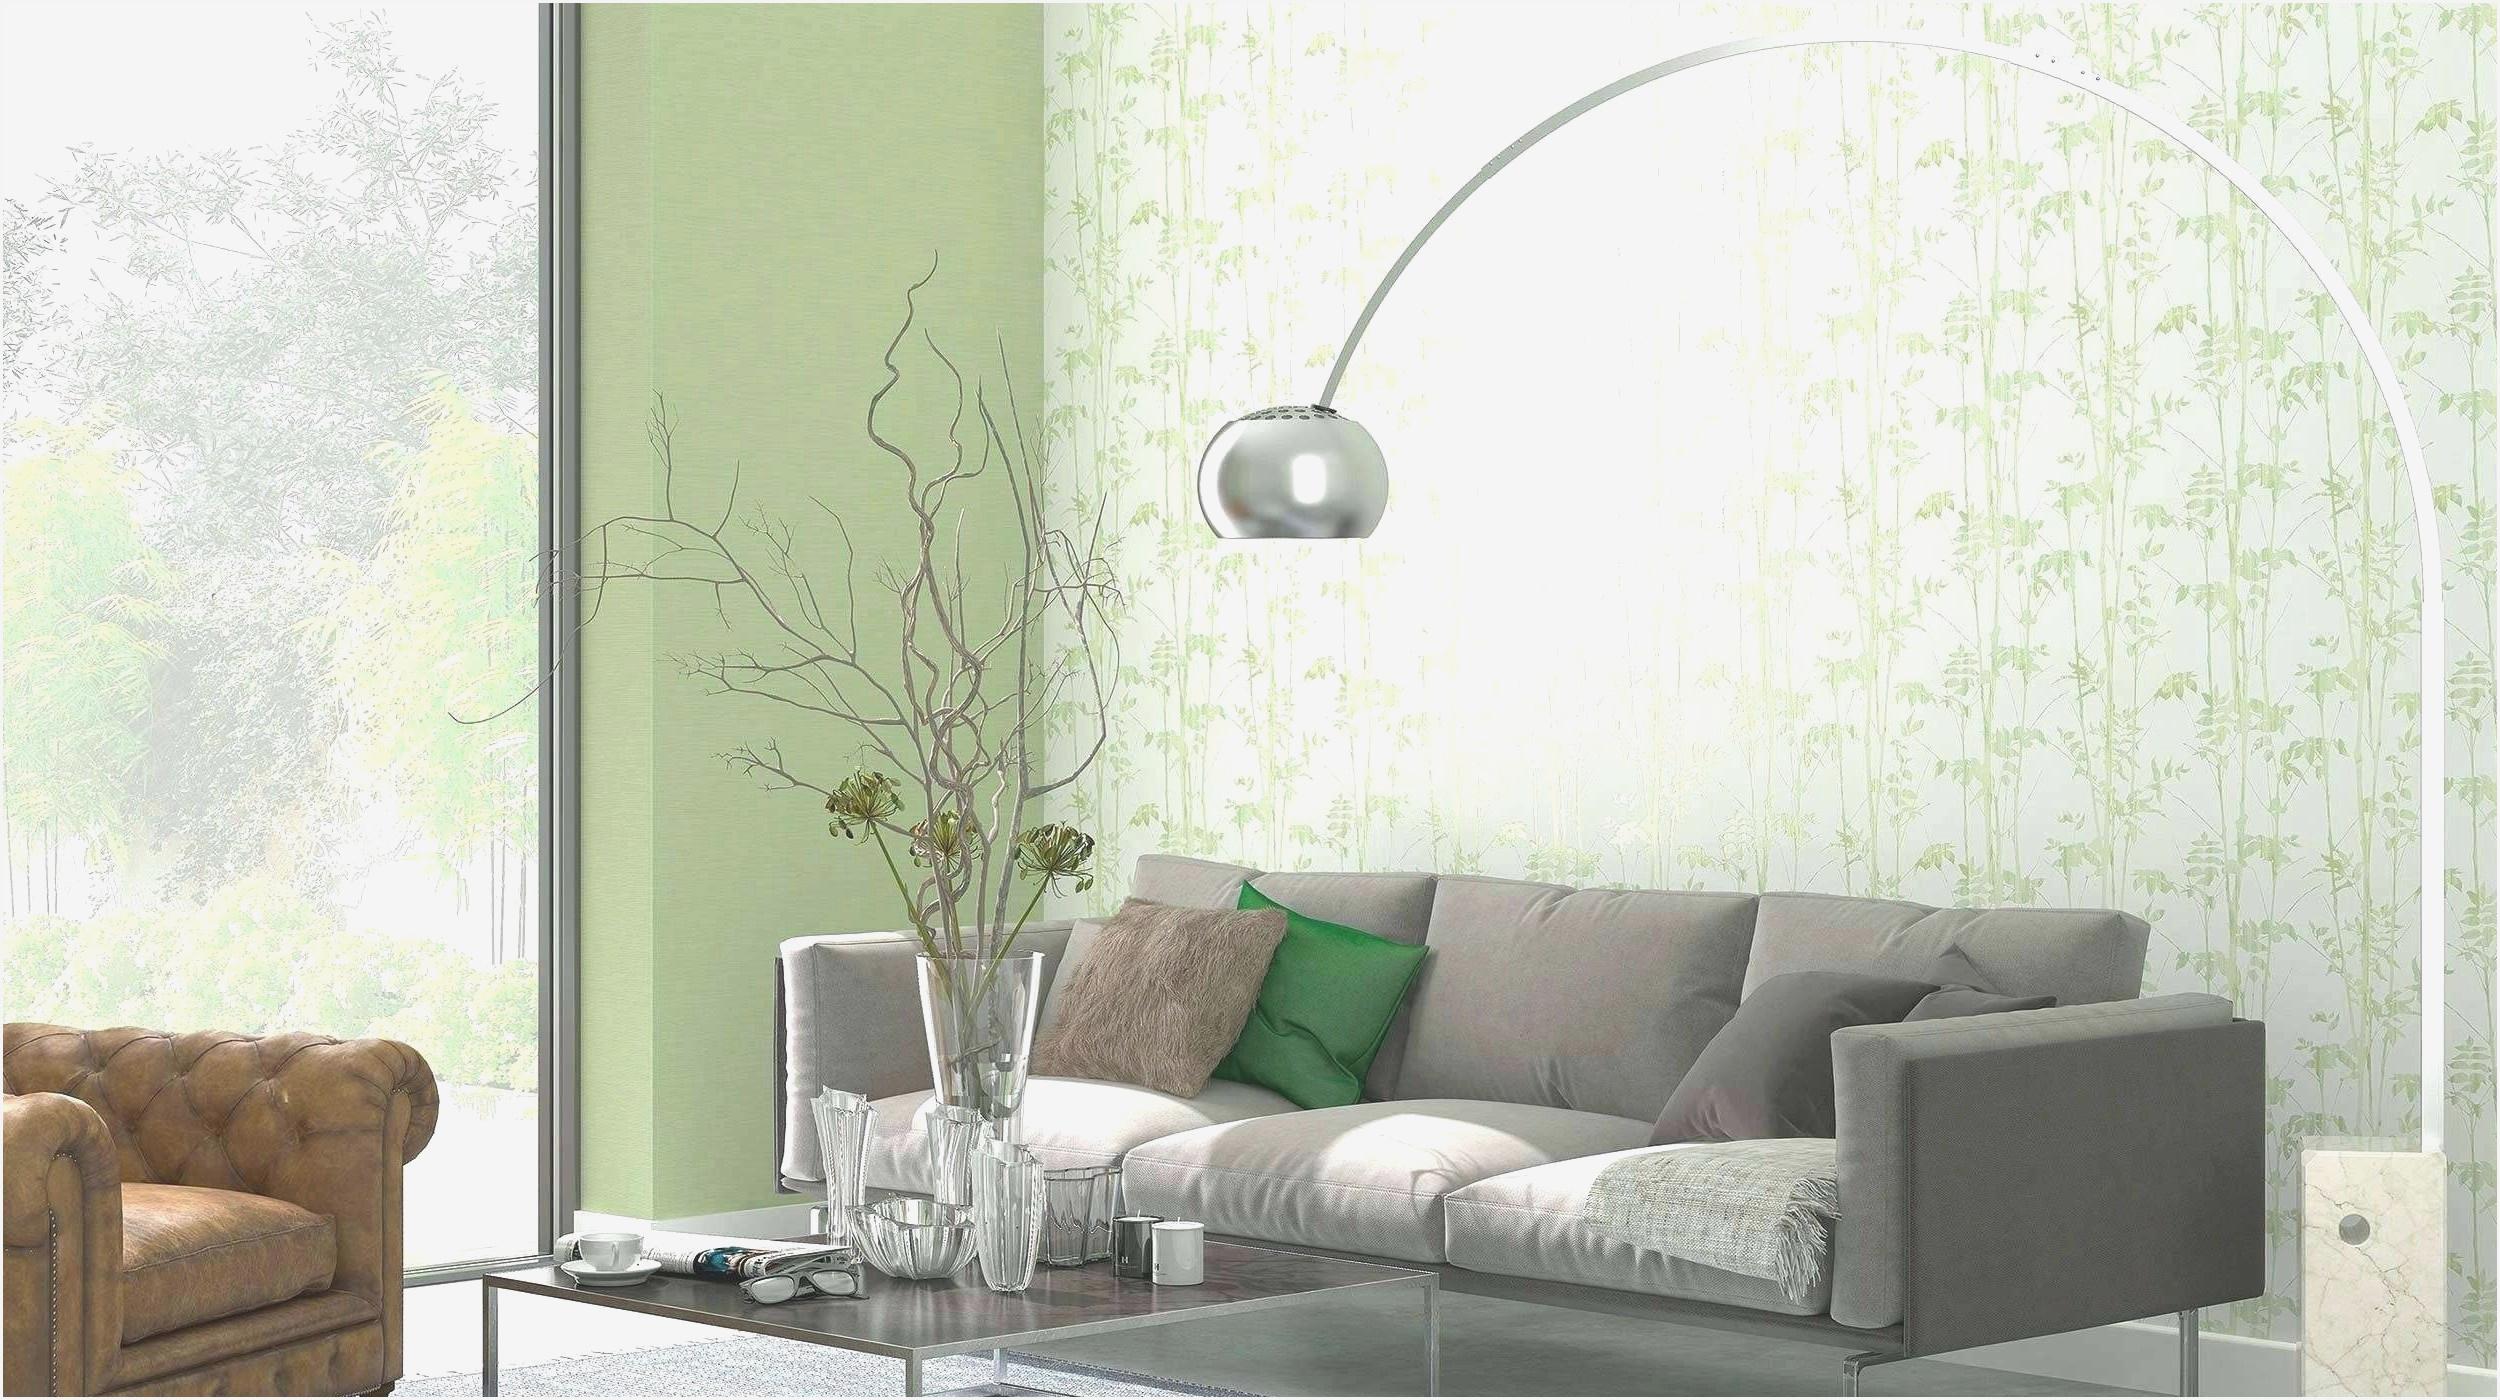 wohnzimmer bild glas